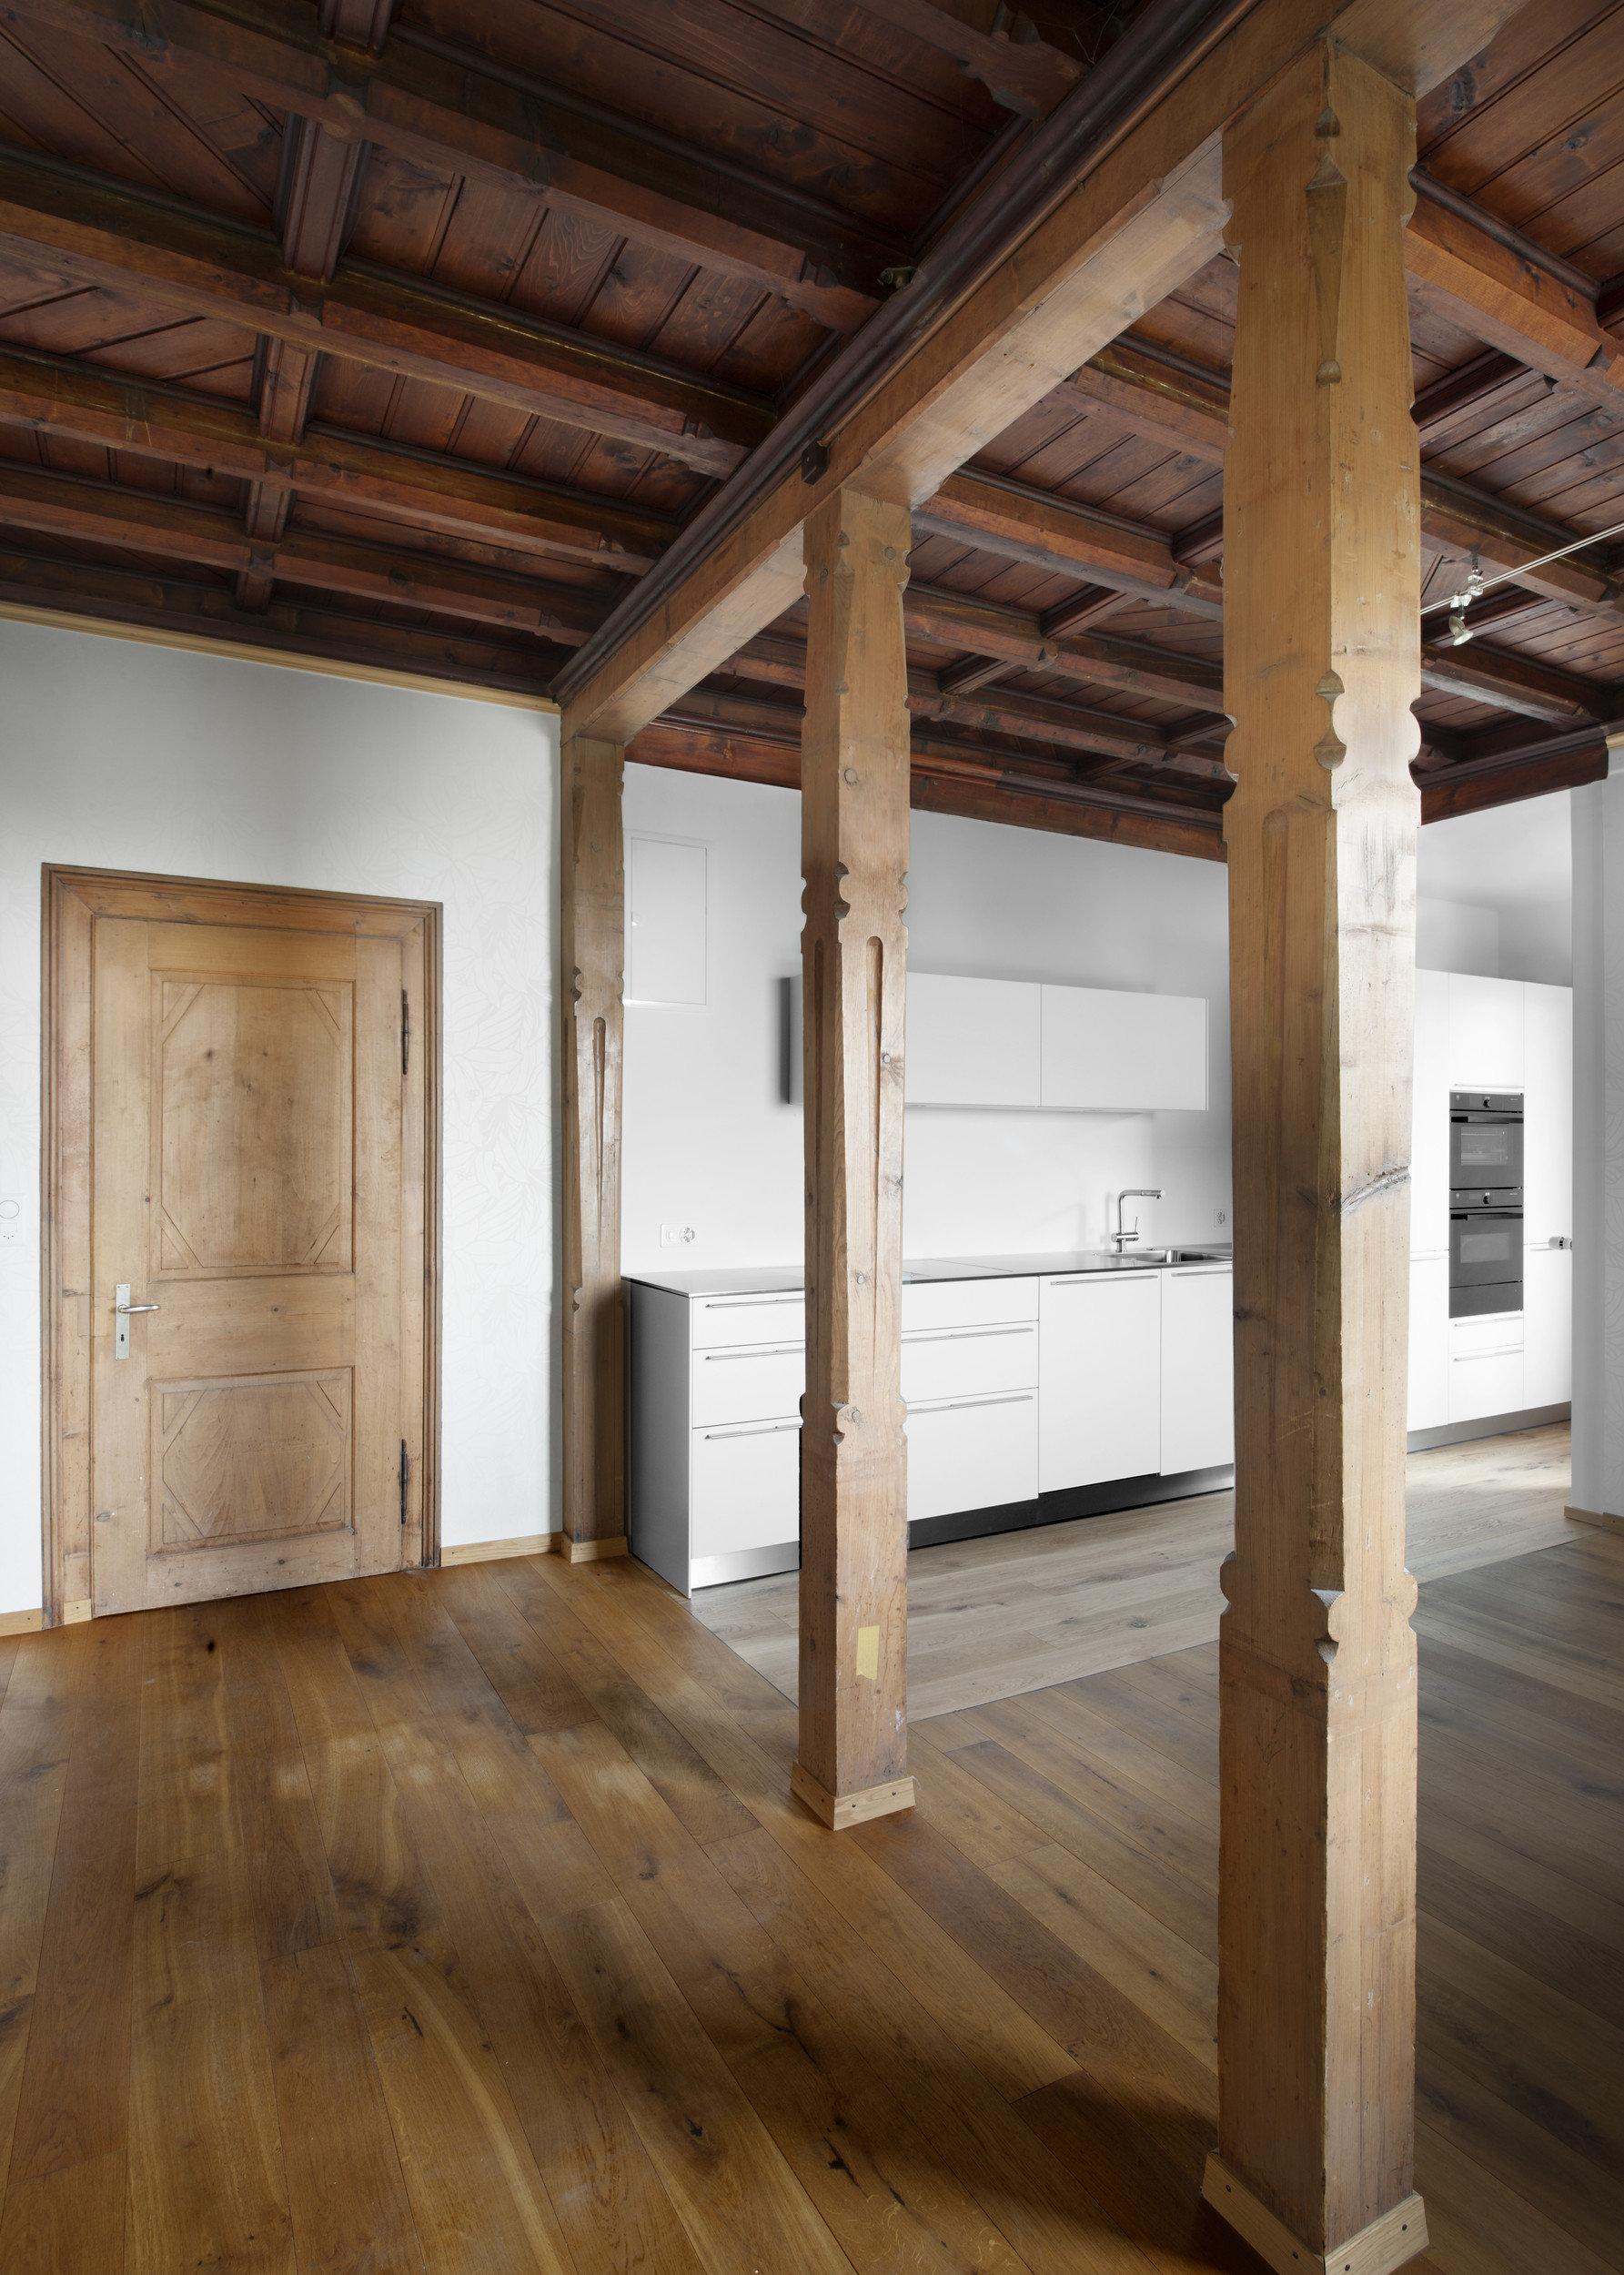 Wohnraum mit Holzbalken welche die Decke stützen + moderne Einbauküche